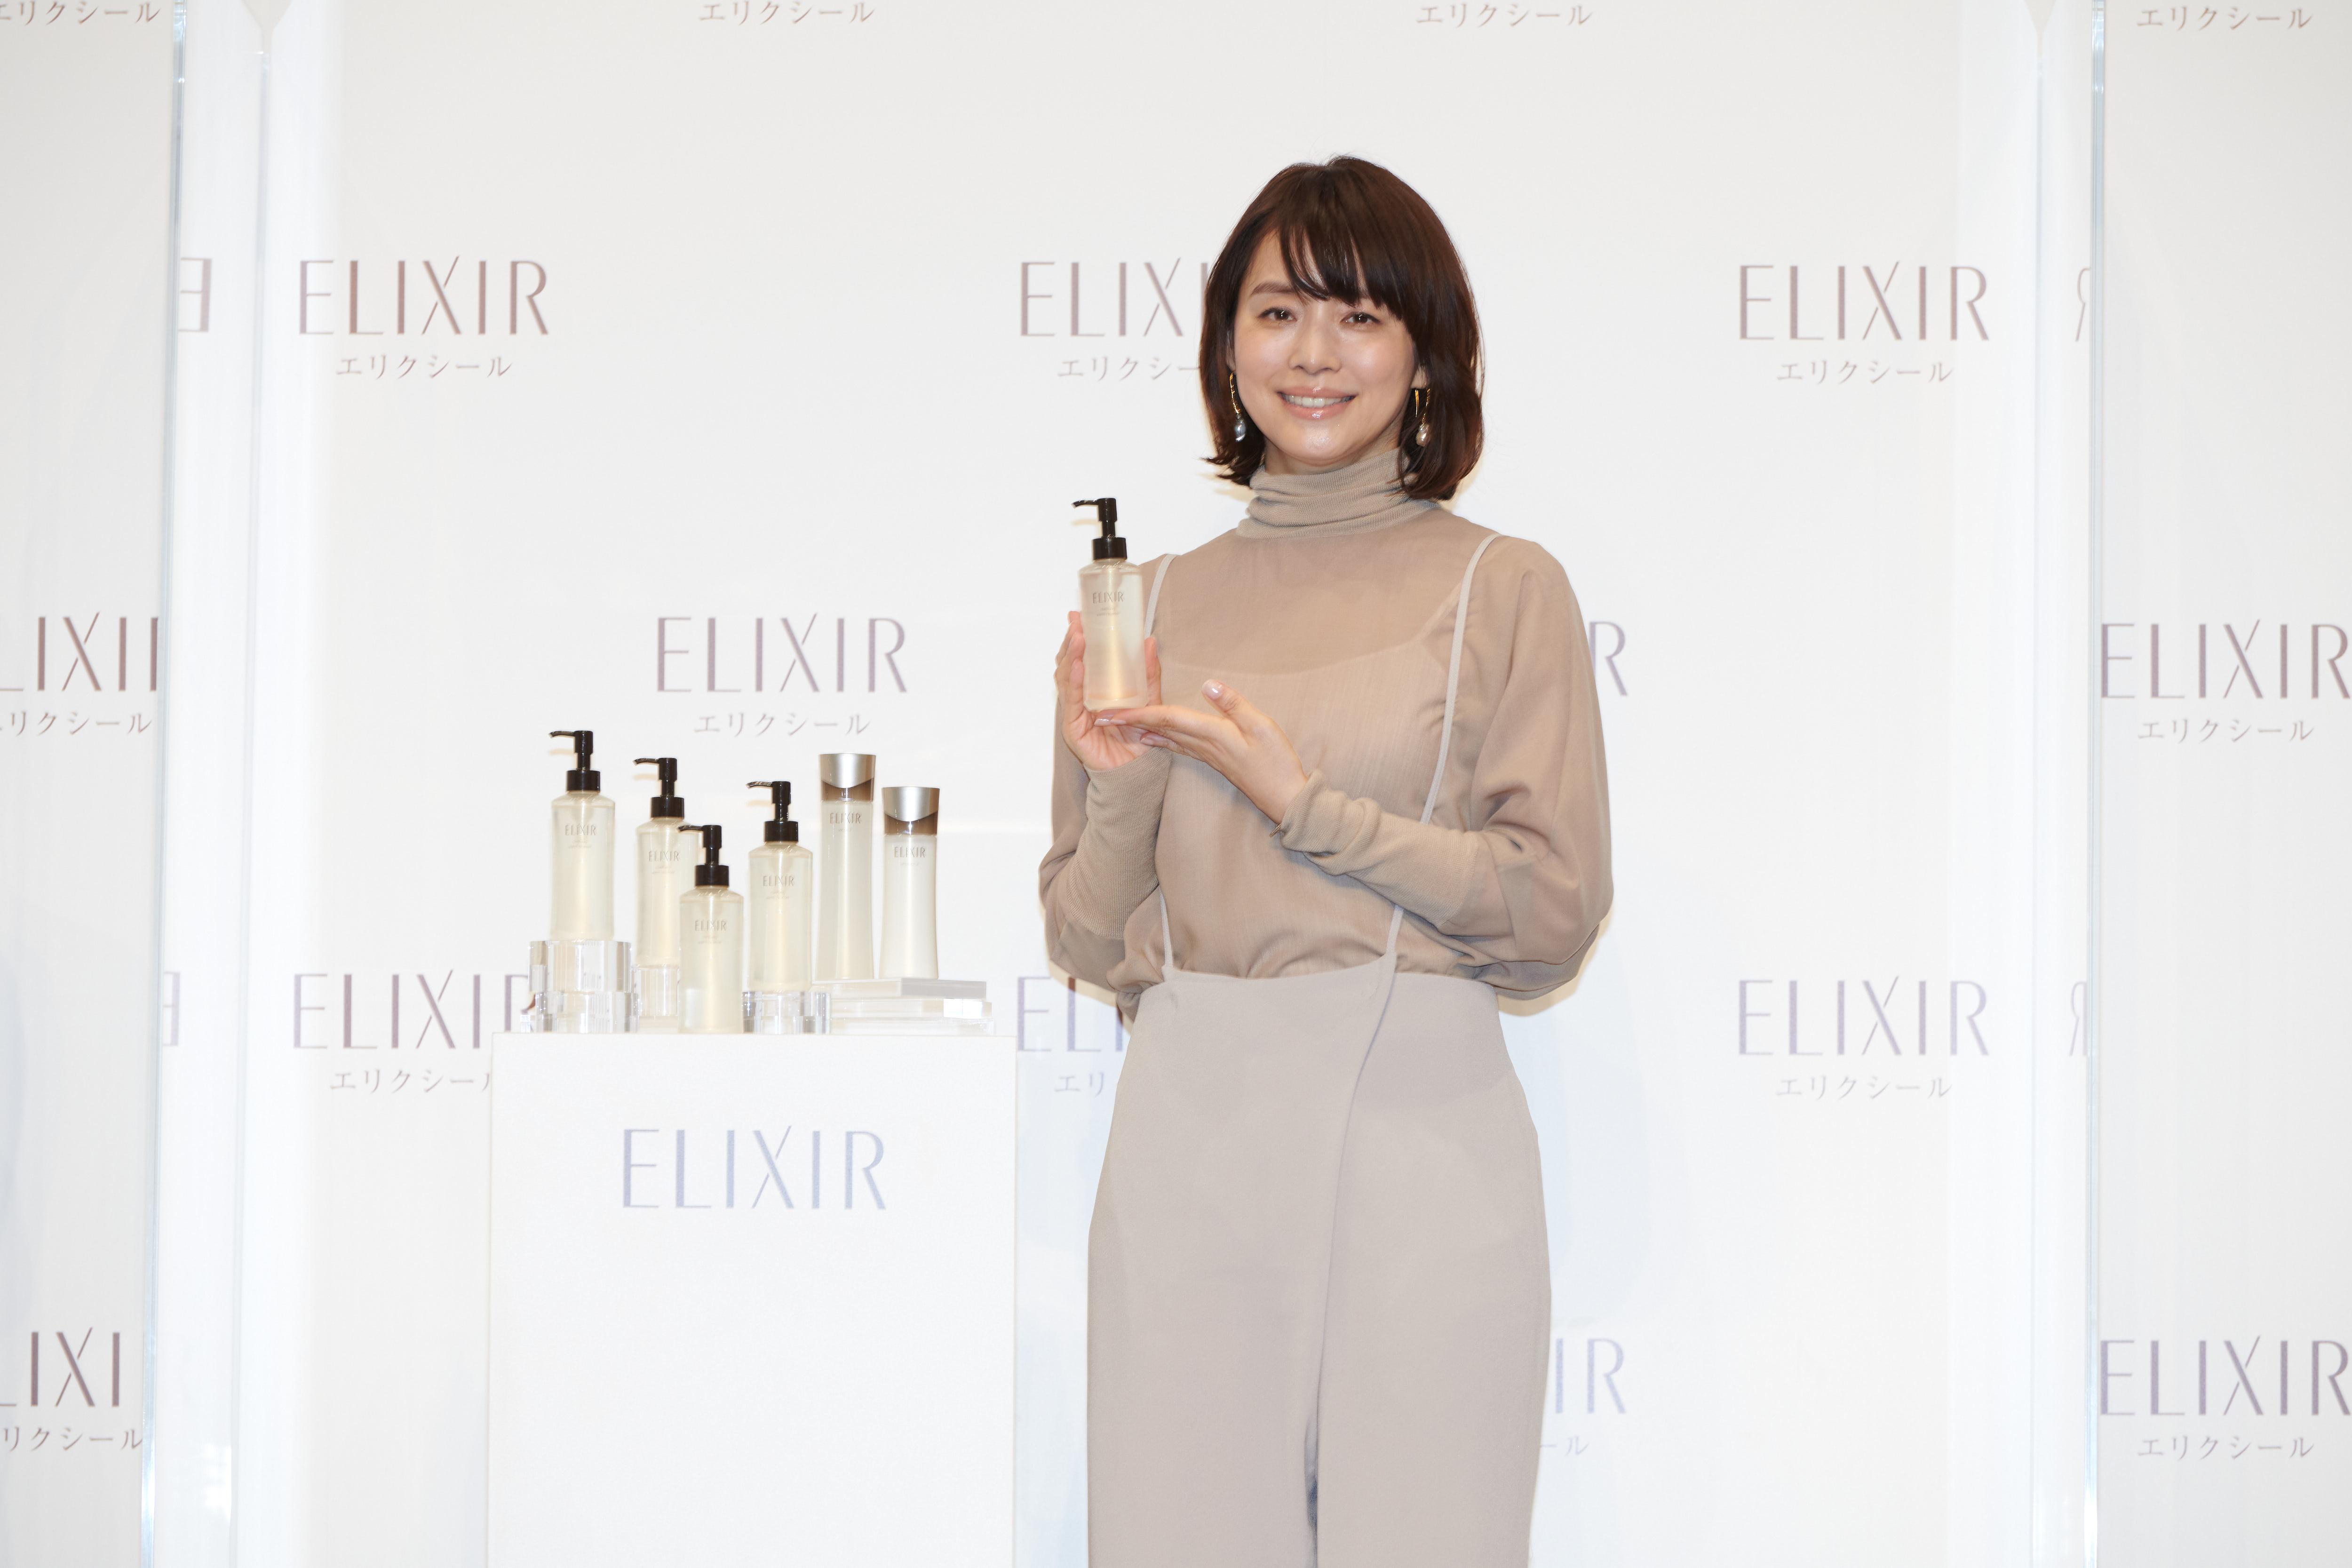 資生堂「エリクシール」石田ゆり子がCMで魅力アピール